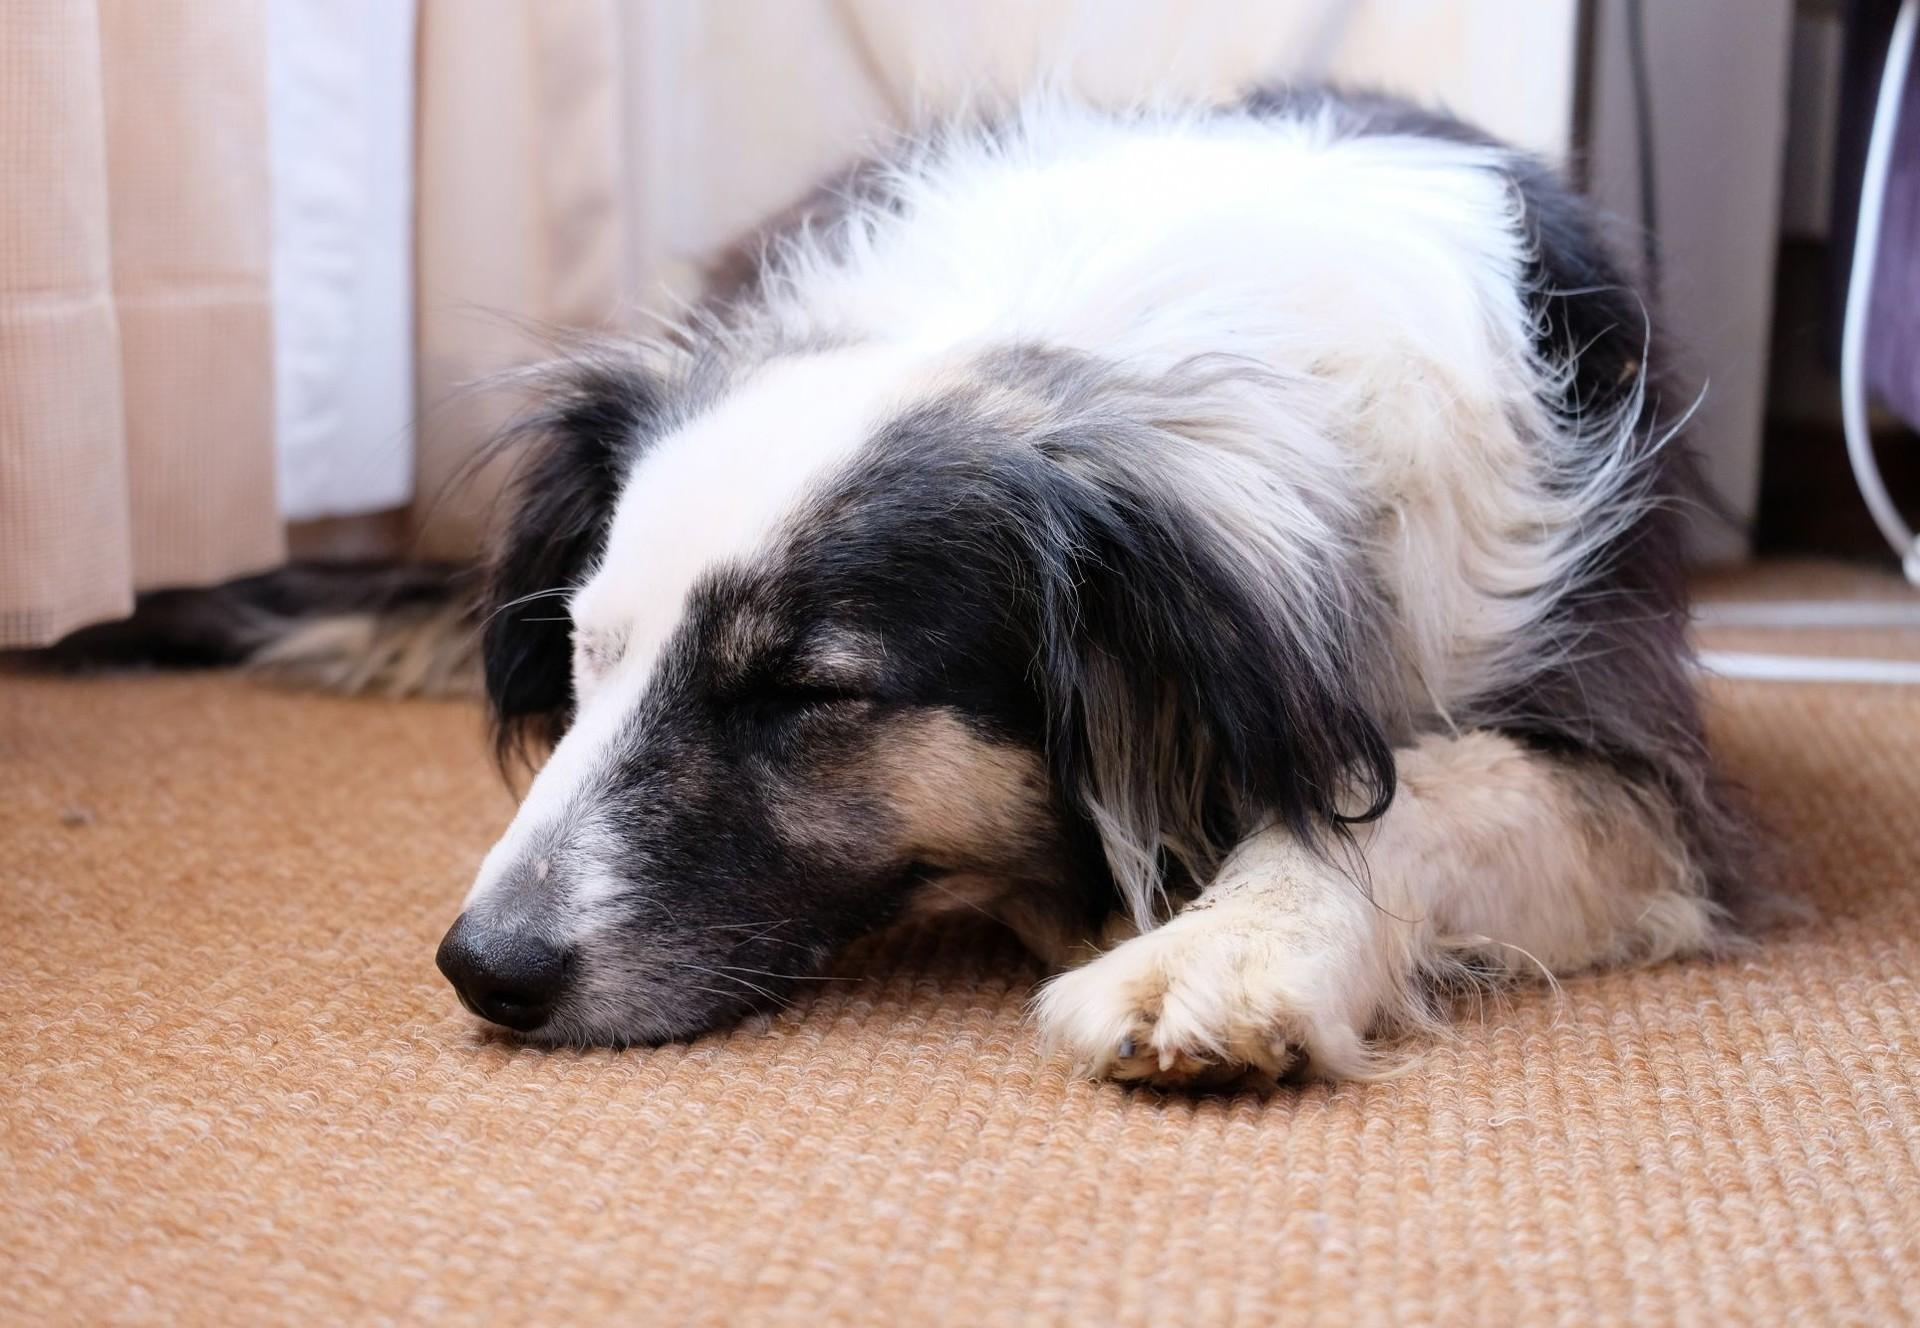 Hund liegt müde am Boden